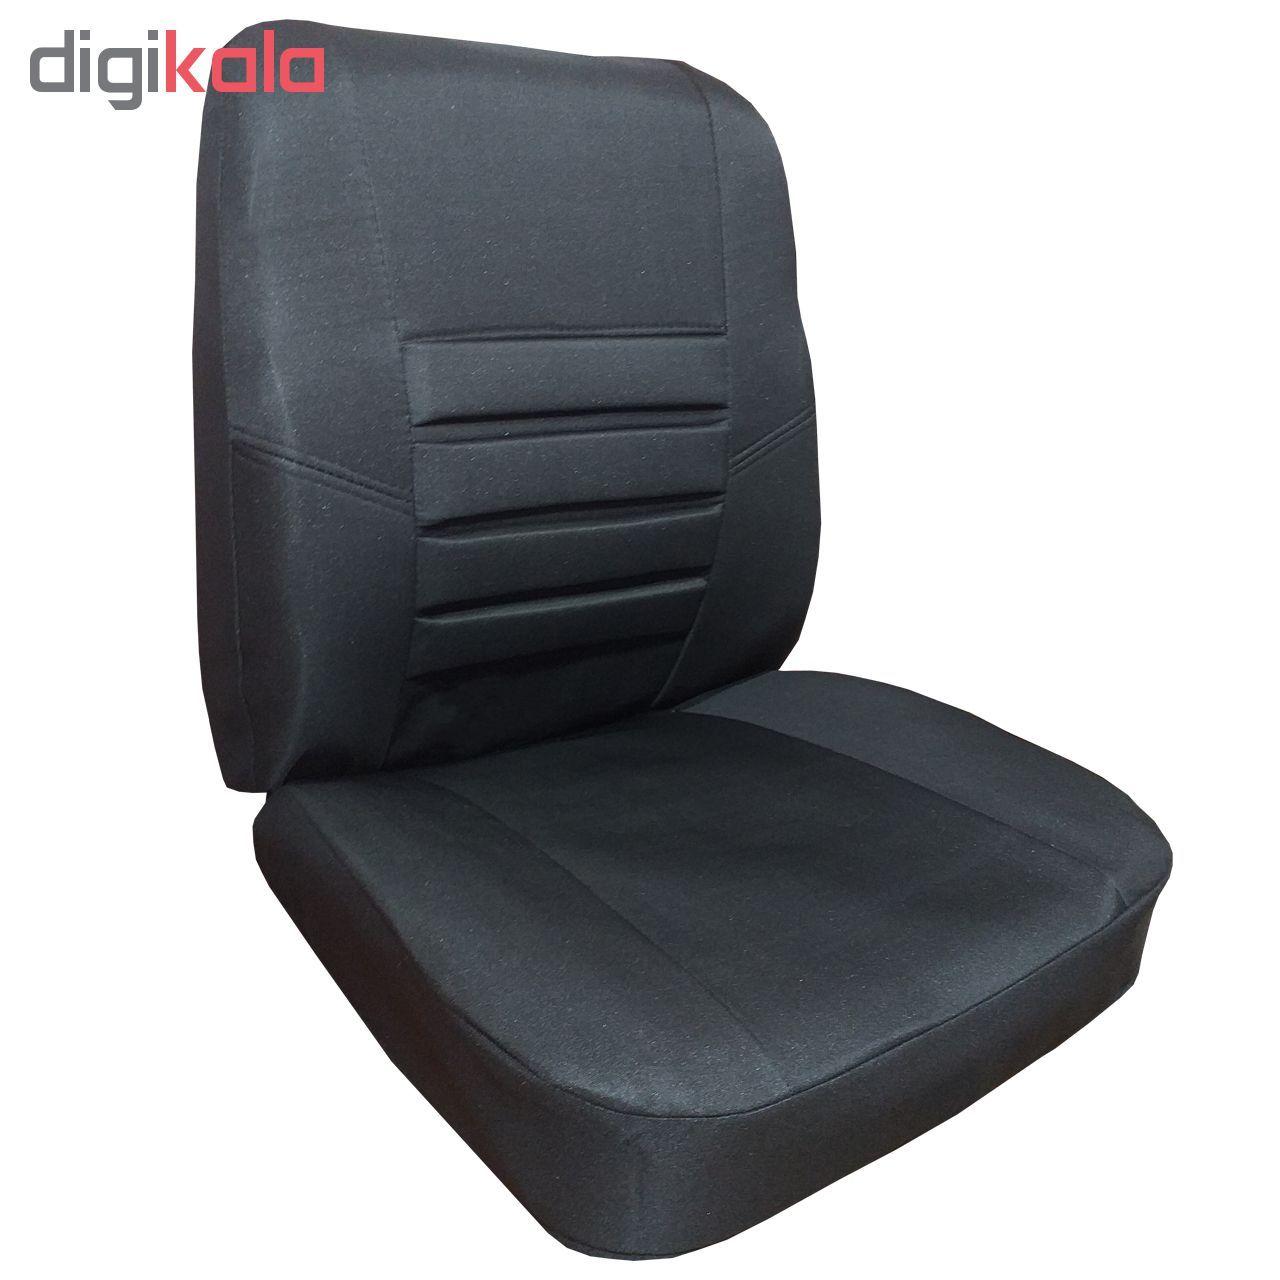 روکش صندلی خودرو مدل 2002 مناسب برای پراید صبا main 1 1